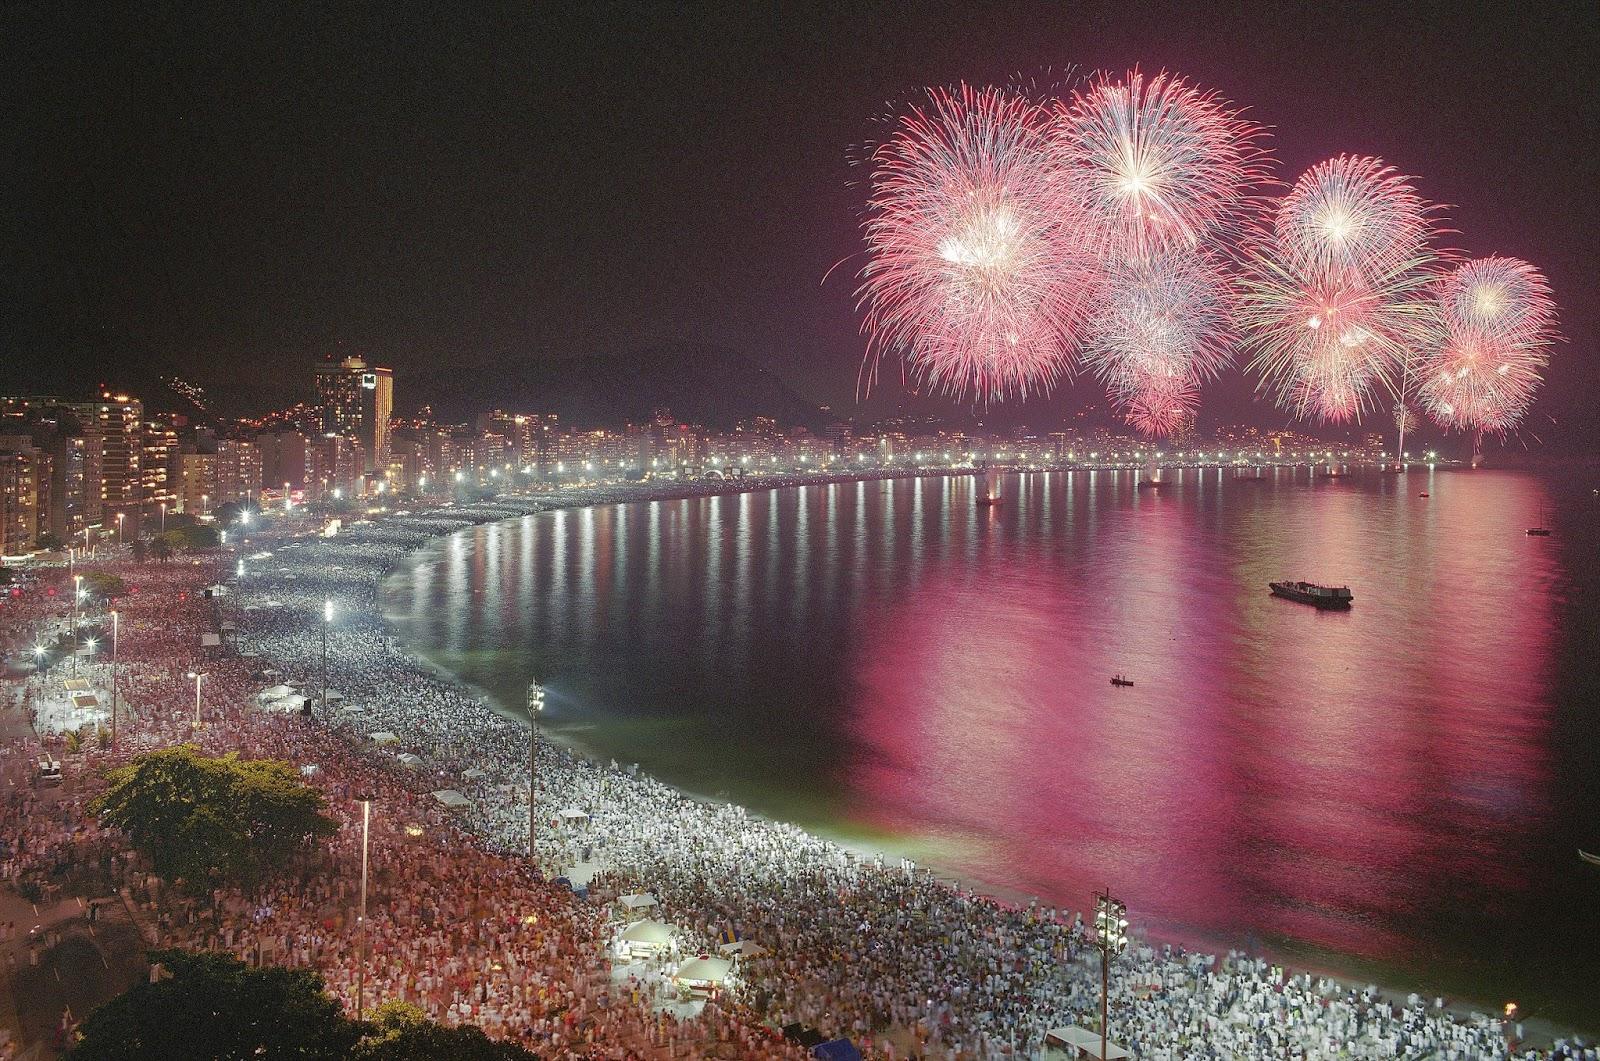 vizesiz yurtdışı tatili, yeni yıl kutlamaları